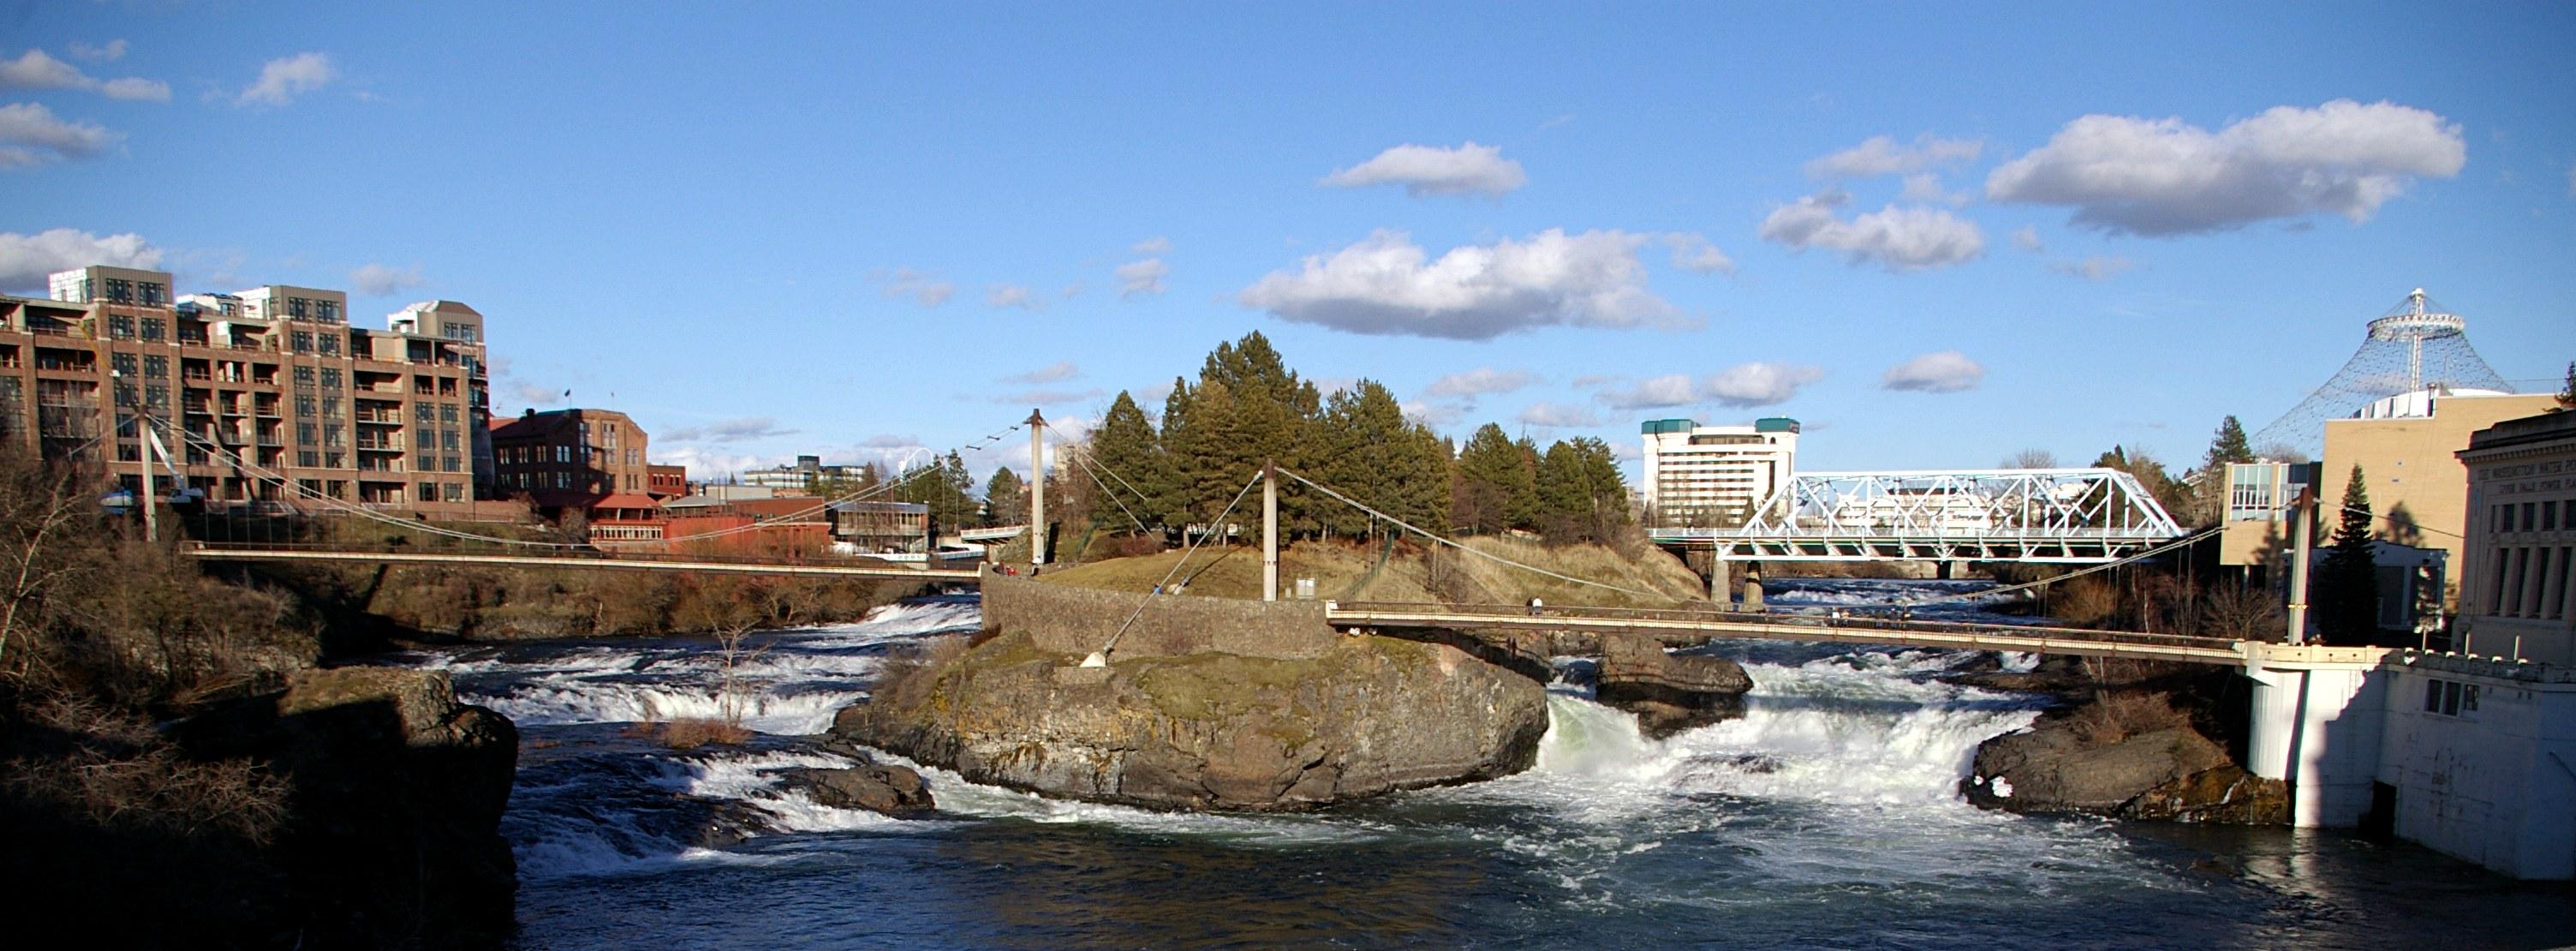 falls and monroe spokane washington spokane riverfront park 20061014 3008x1110